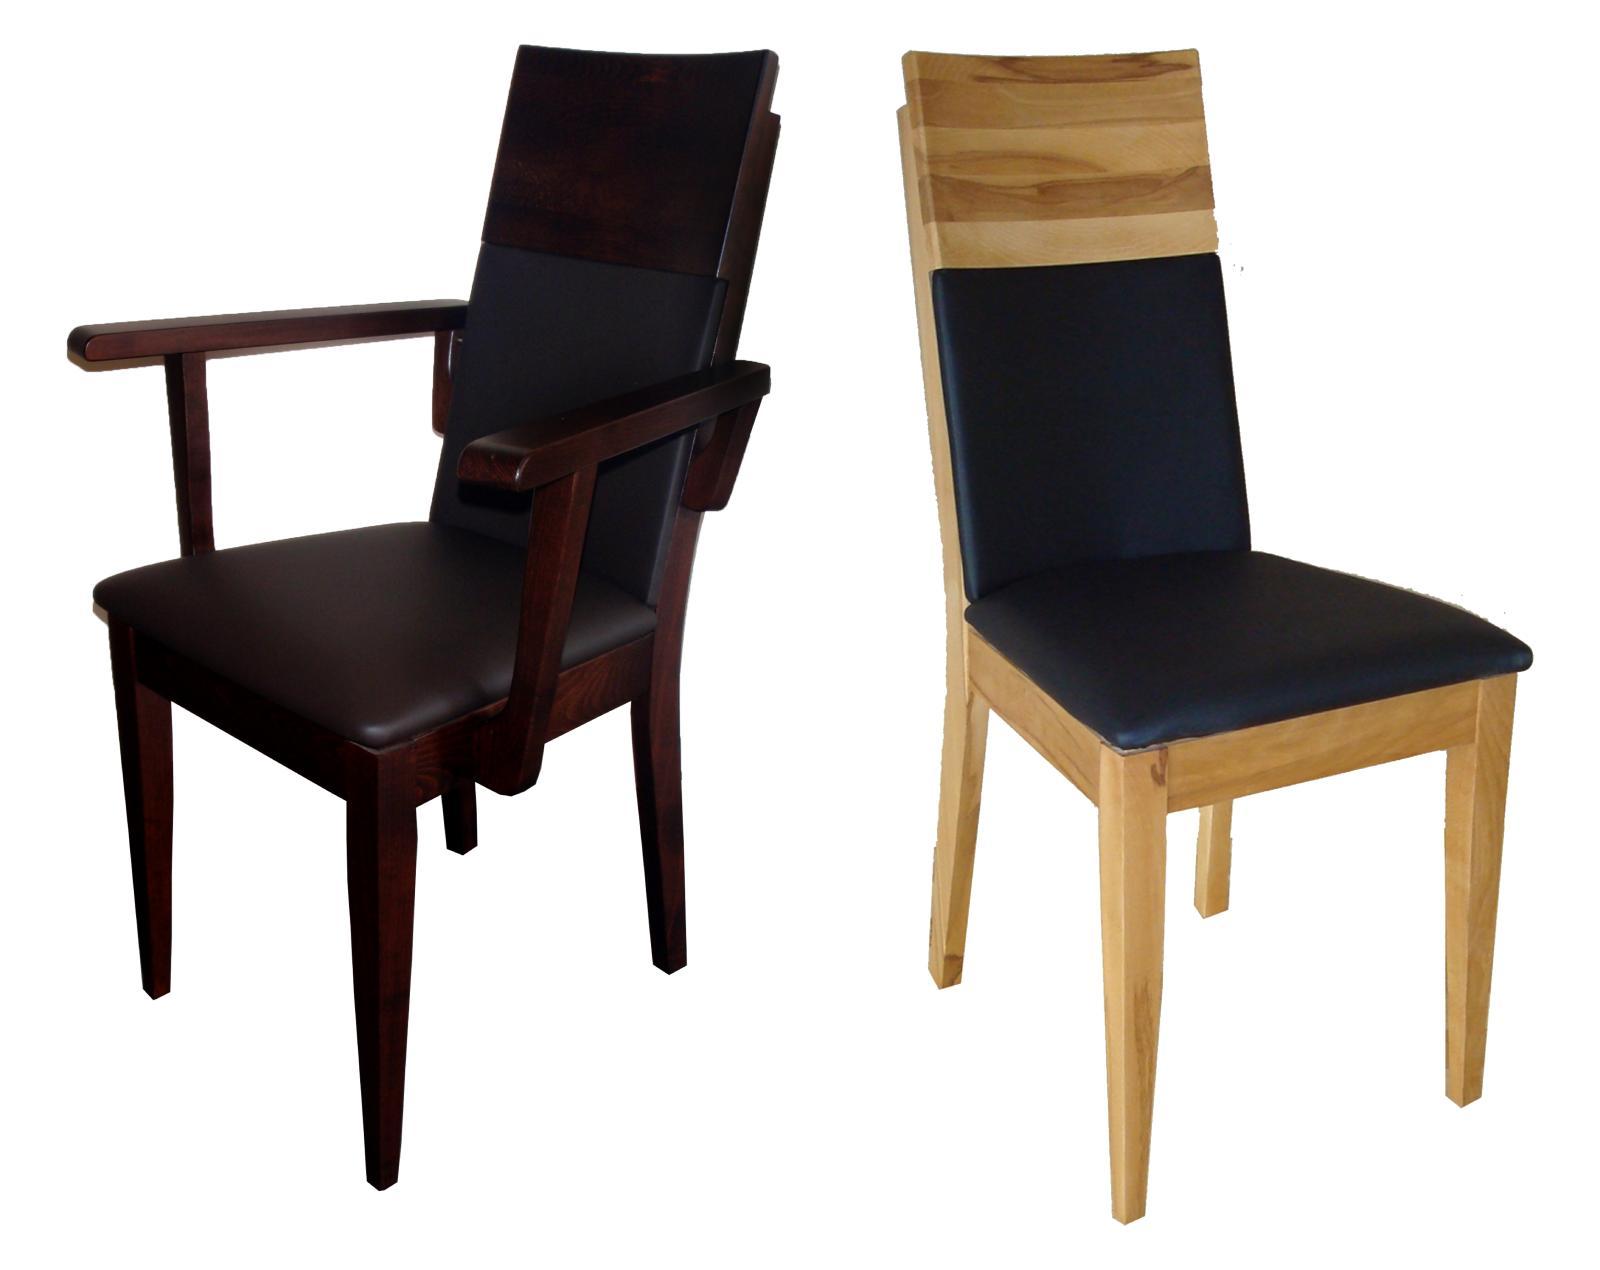 krzesło i fotel spring k4